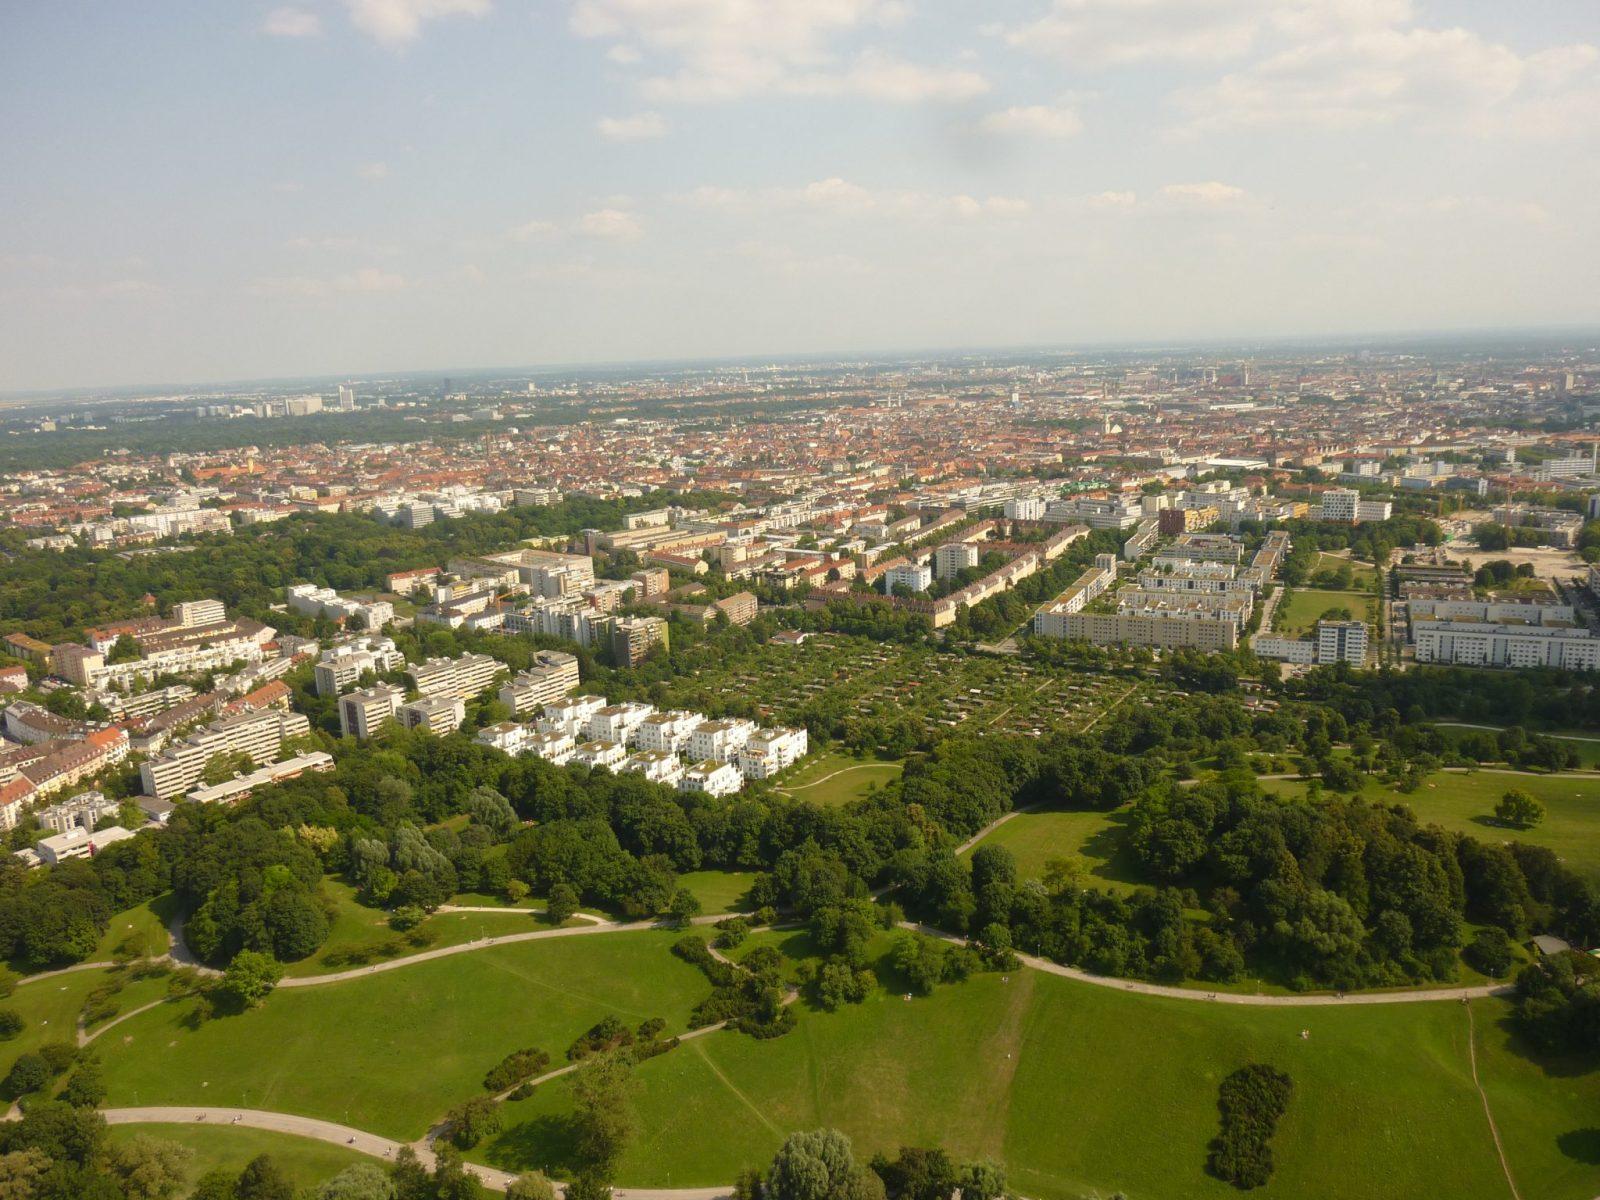 【慕尼黑影像敘事】慕尼黑的一眼望去